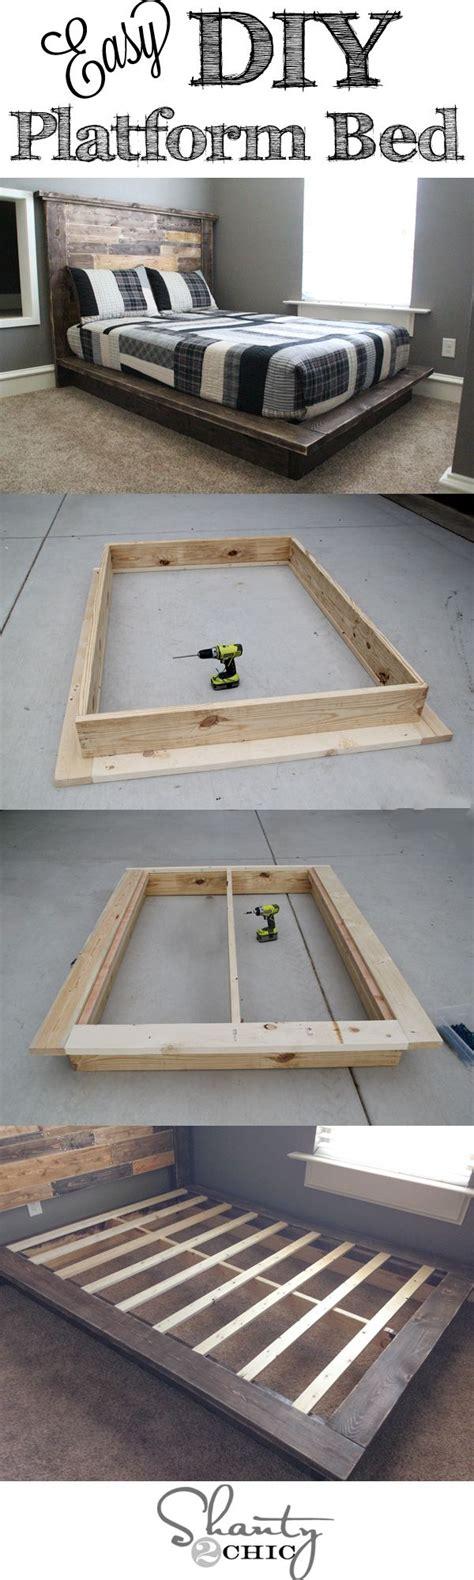 Simple Platform Bed Frame Plans Echopaul Official Easy Diy Platform Bed